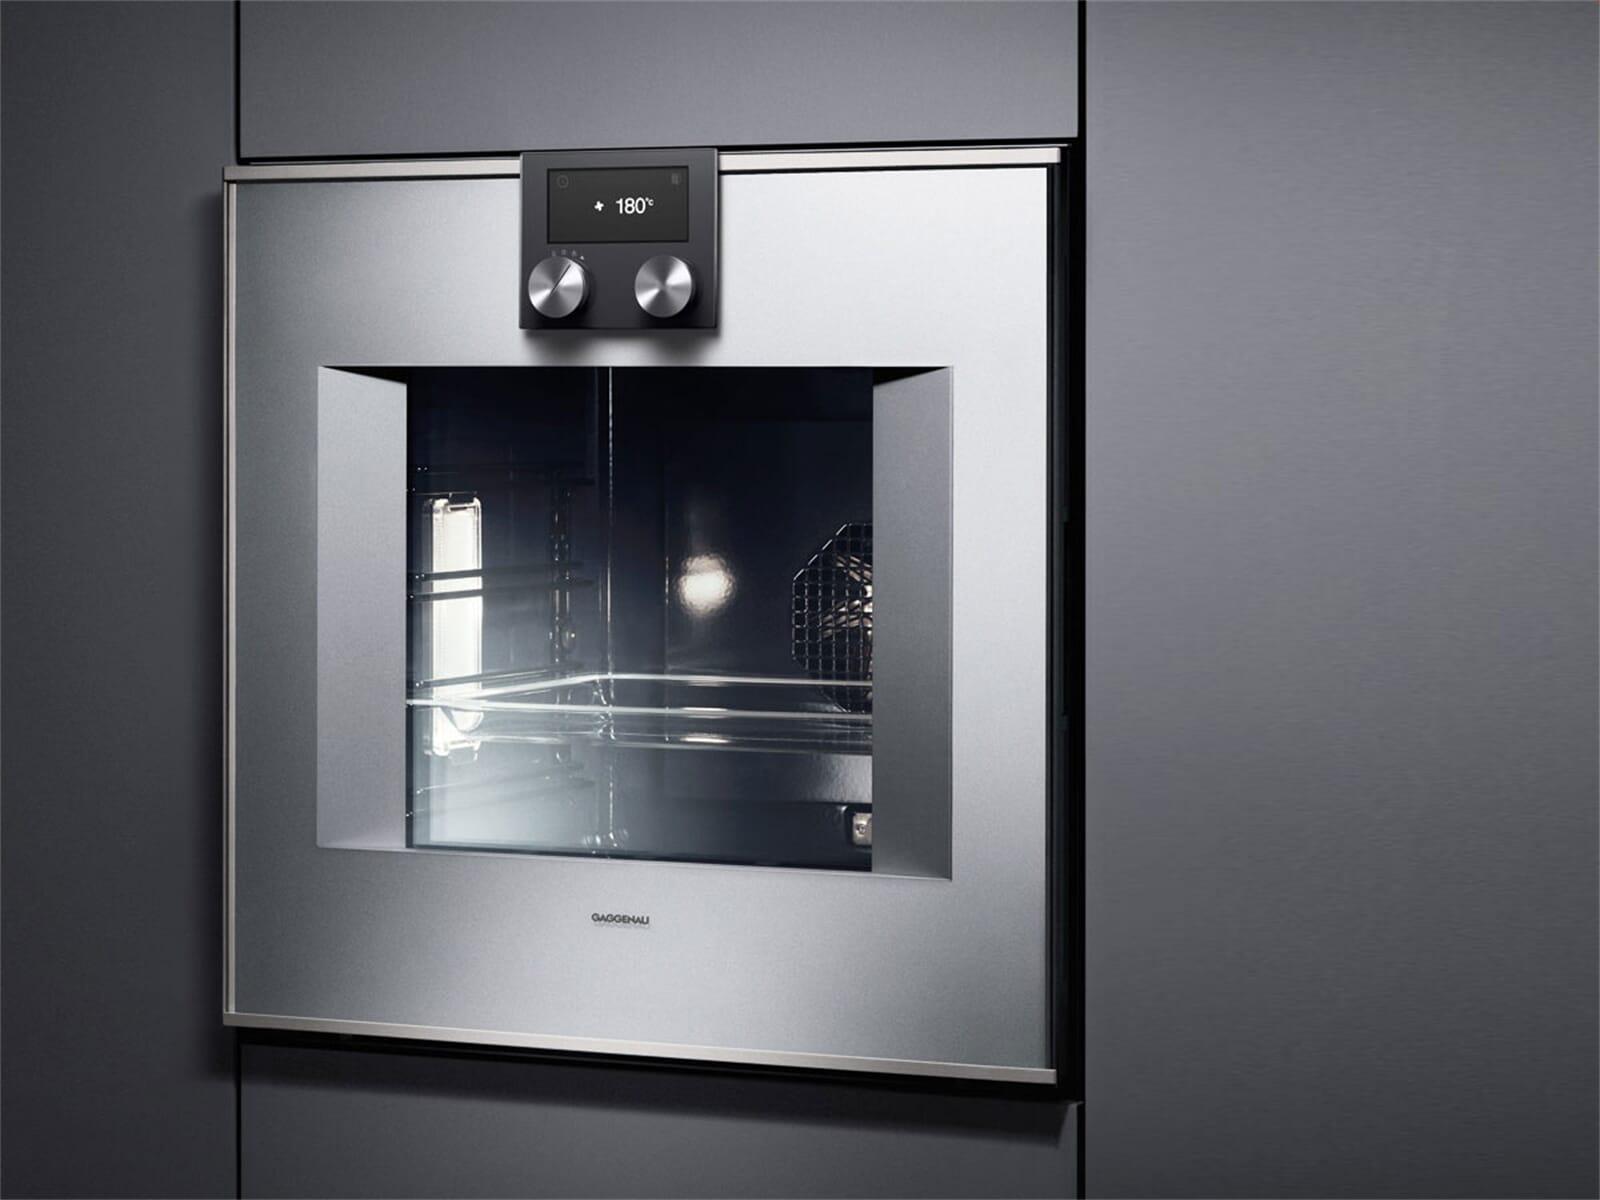 gaggenau bo 420 111 backofen serie 400 edelstahl glas. Black Bedroom Furniture Sets. Home Design Ideas